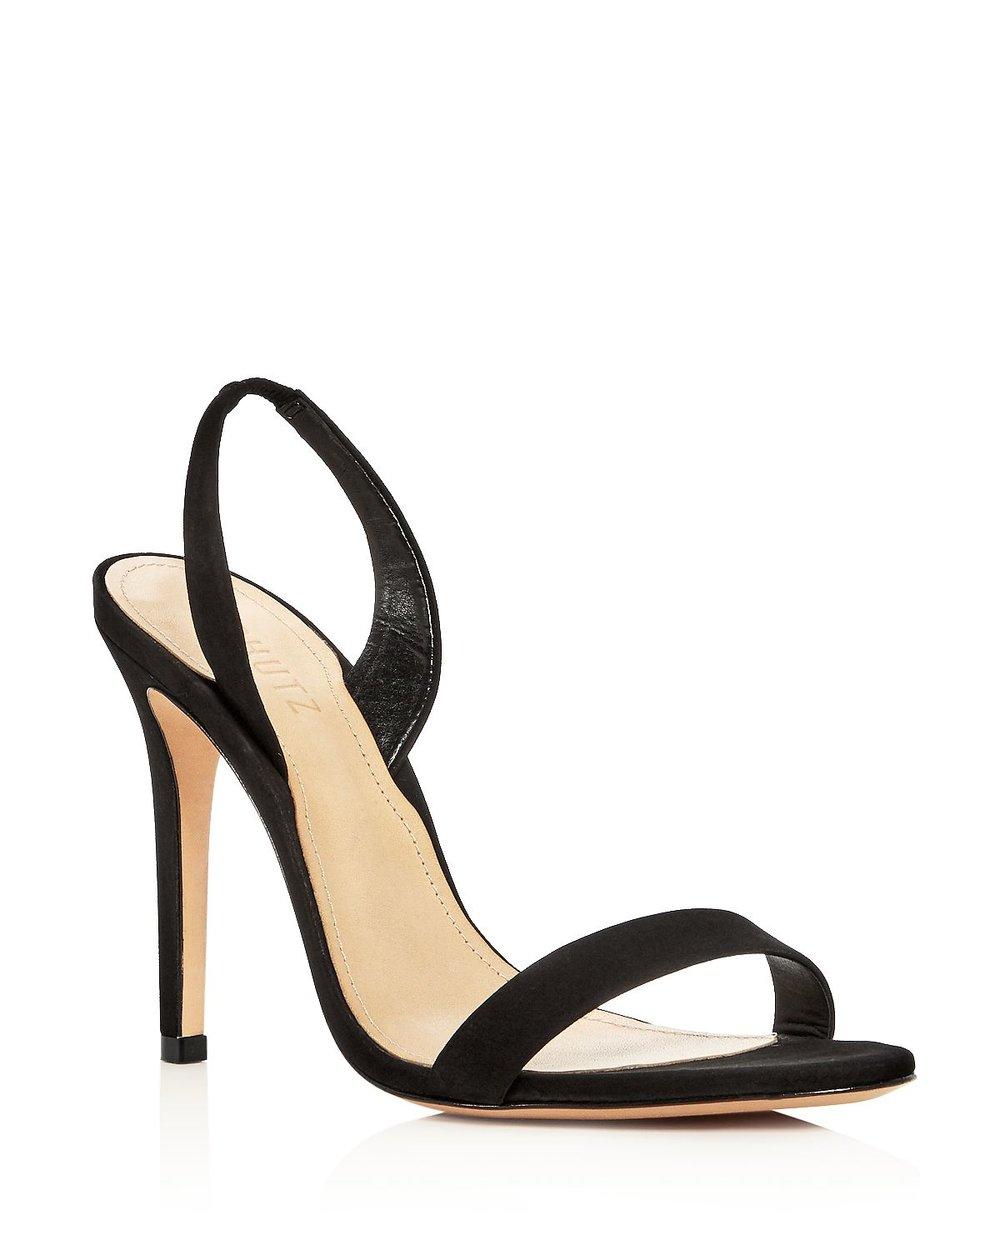 schutz black sandals.jpg